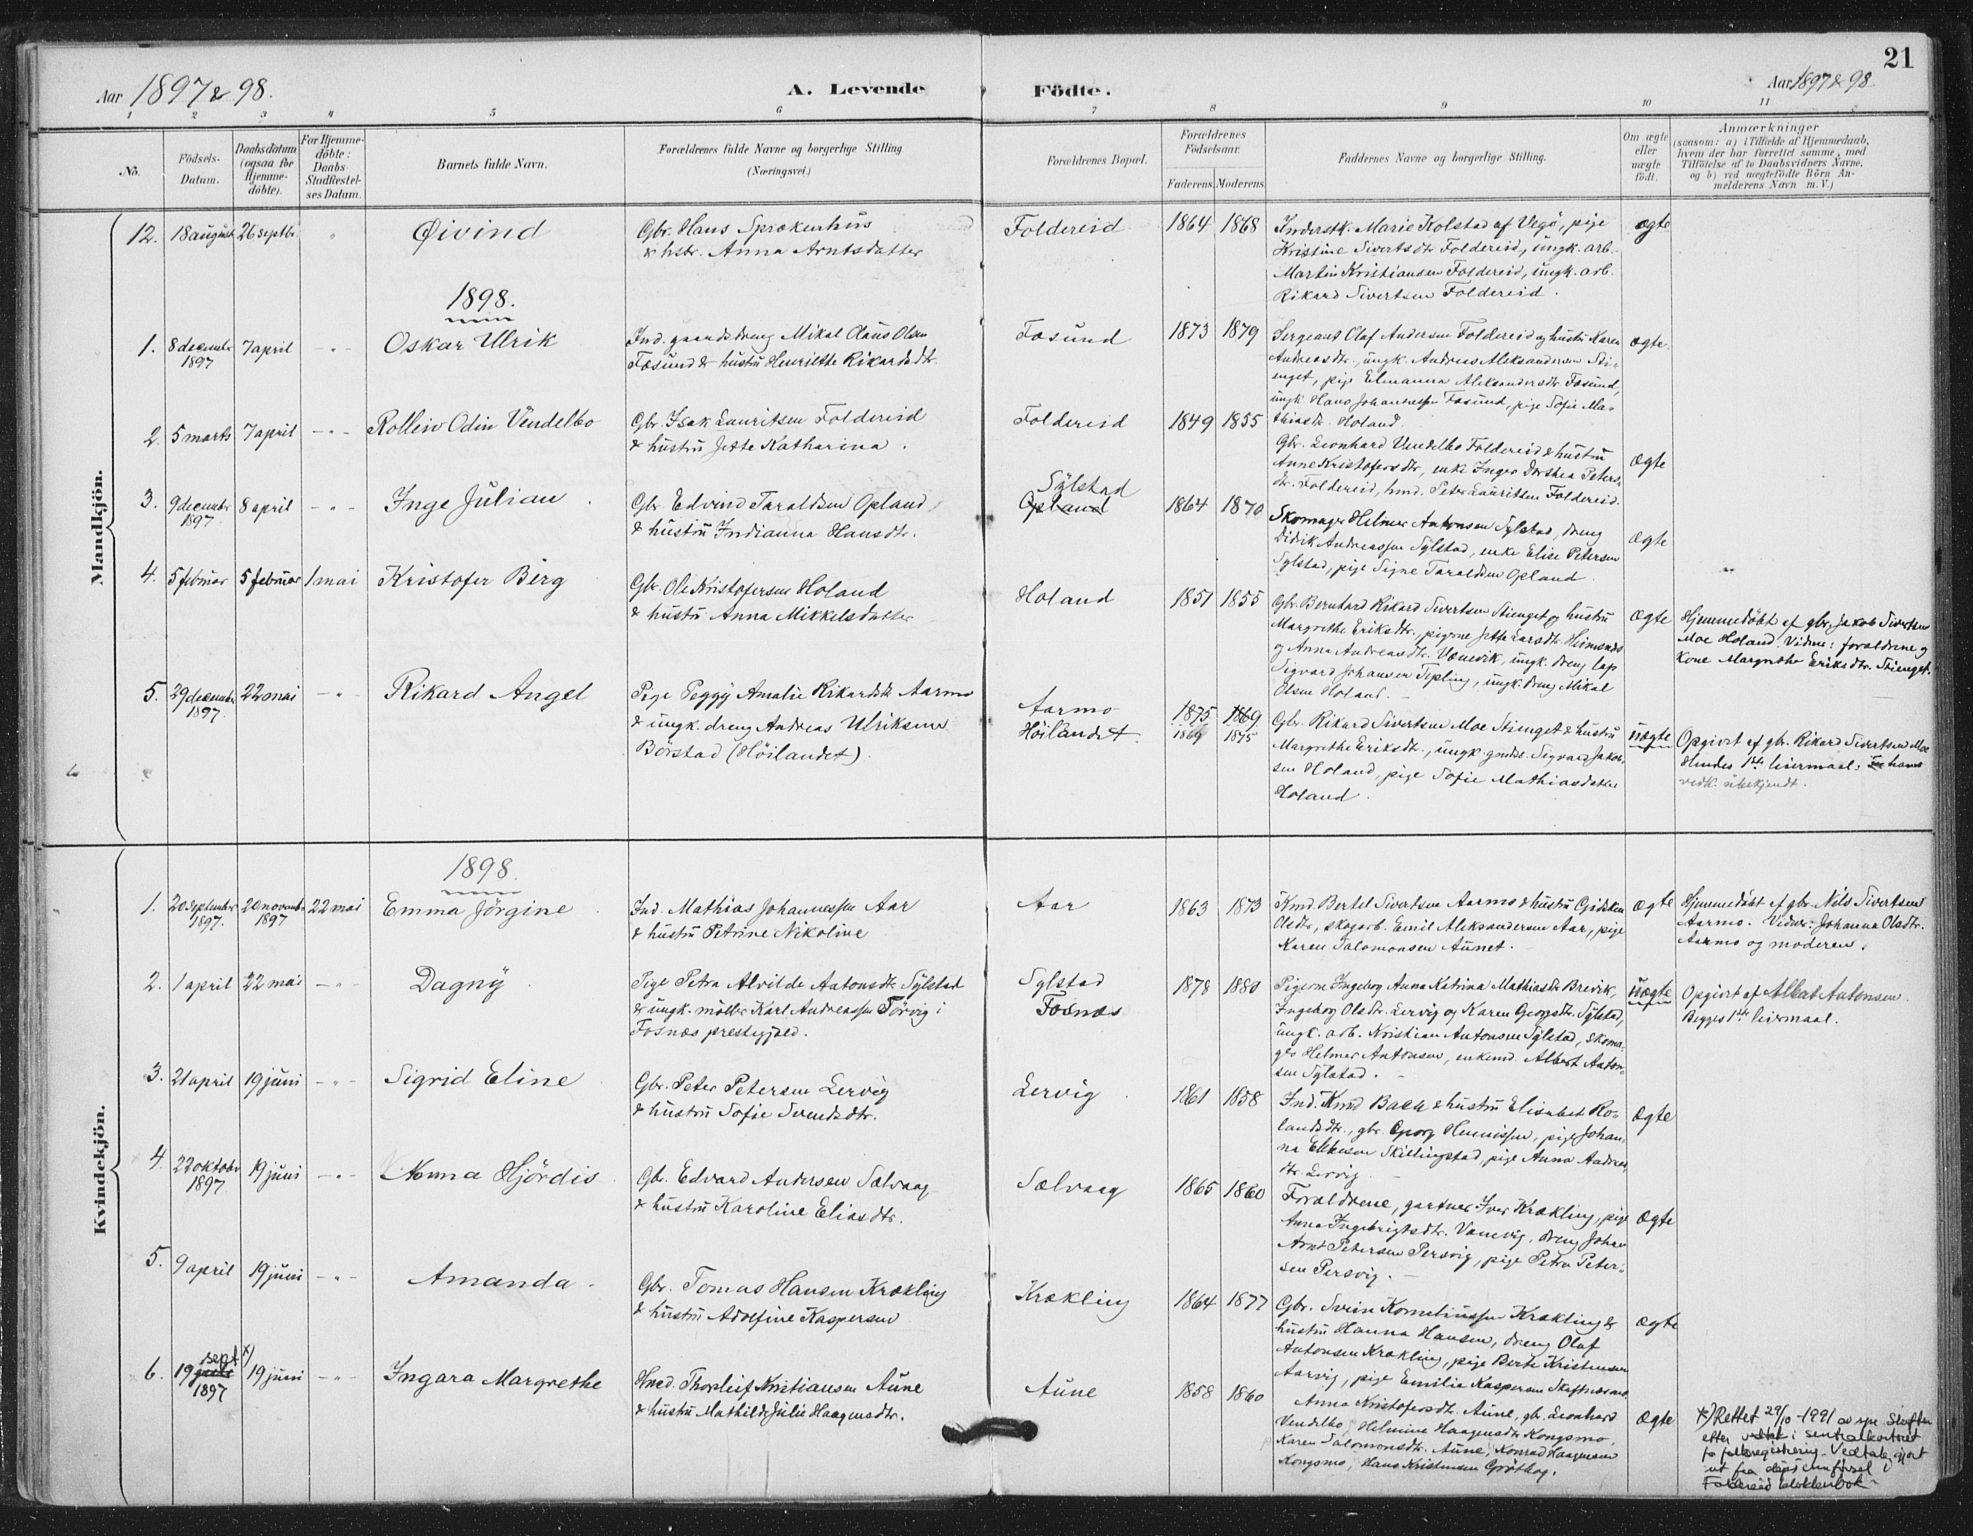 SAT, Ministerialprotokoller, klokkerbøker og fødselsregistre - Nord-Trøndelag, 783/L0660: Ministerialbok nr. 783A02, 1886-1918, s. 21